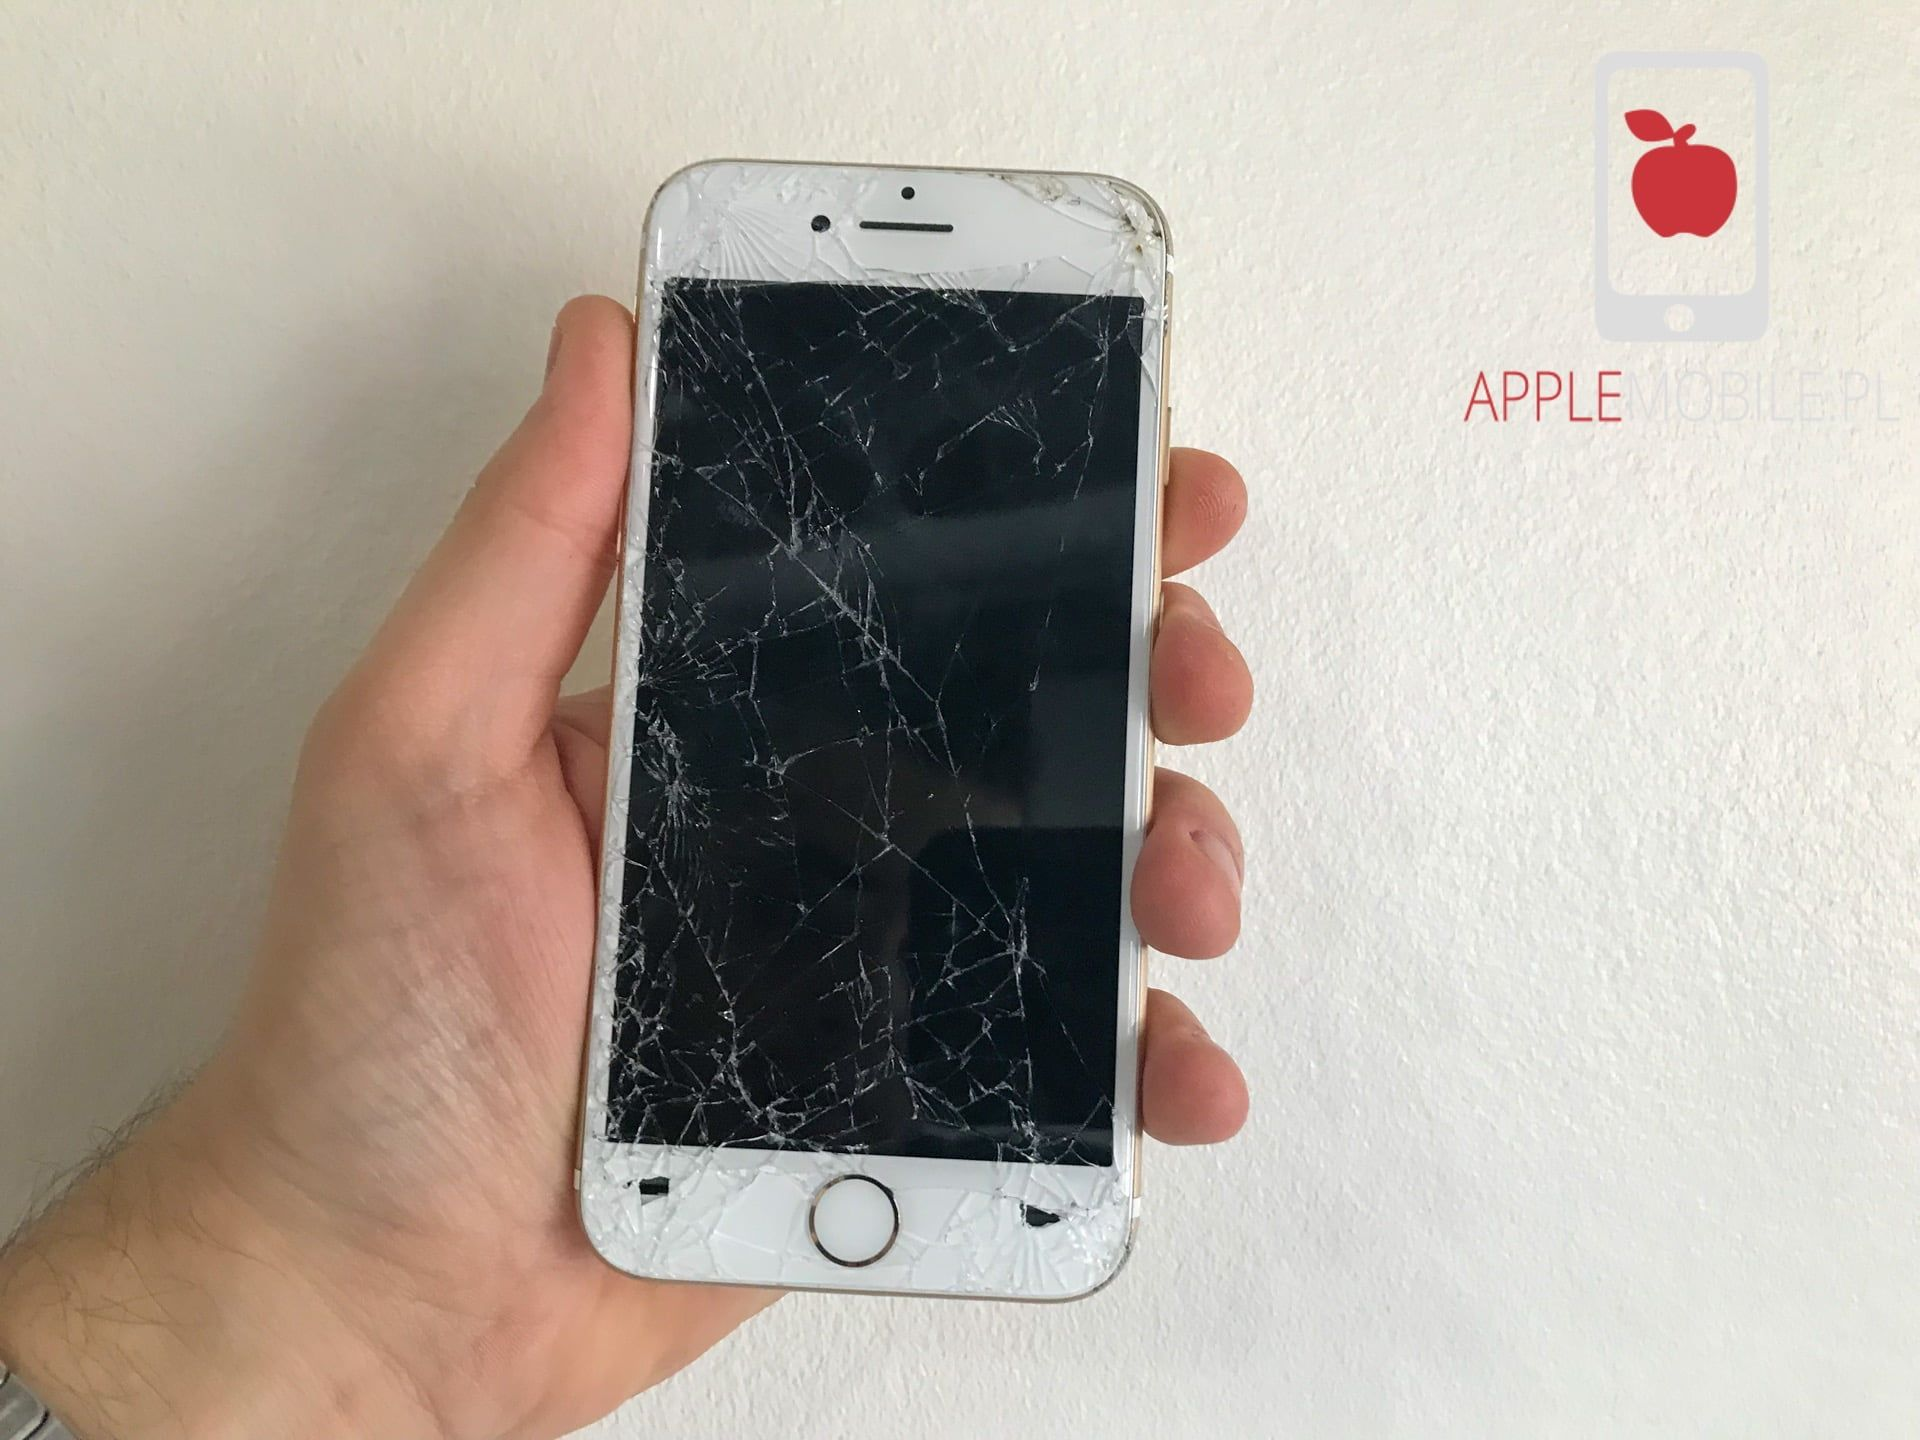 Rozbita szybka w iPhone 7 naprawa